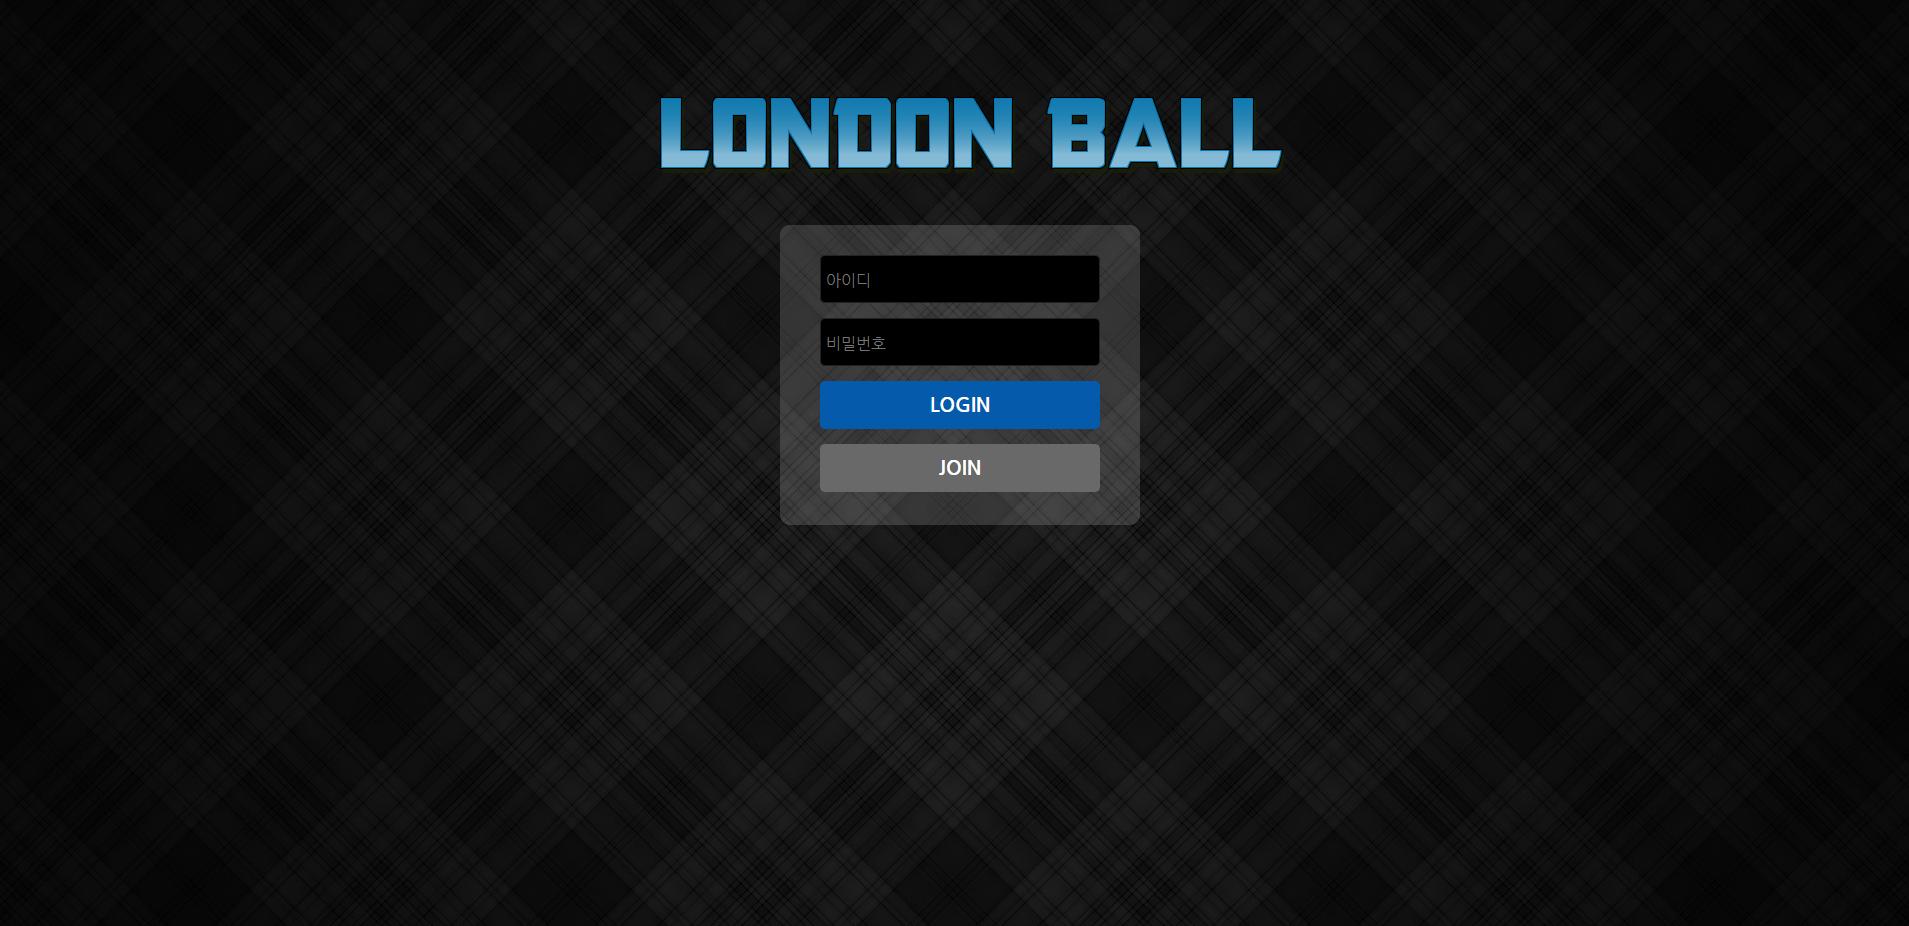 [먹튀검증]런던볼(London ball) bbb-82.com 먹튀사이트확정 토토사이트 먹튀검증업체 토토안내소